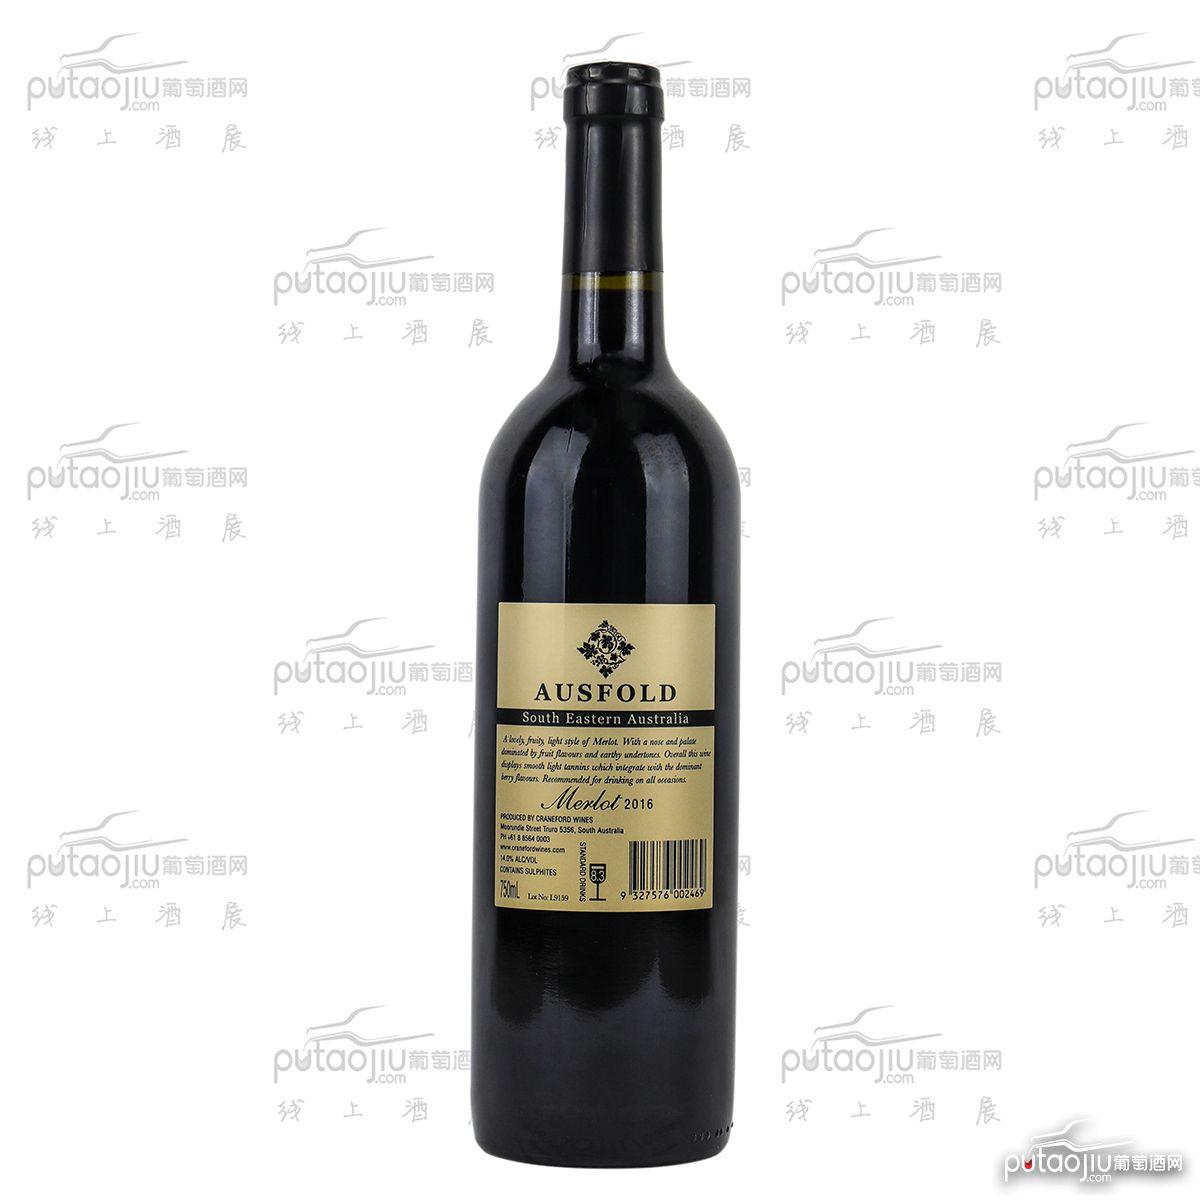 澳里赫庄园368梅洛2016干红葡萄酒